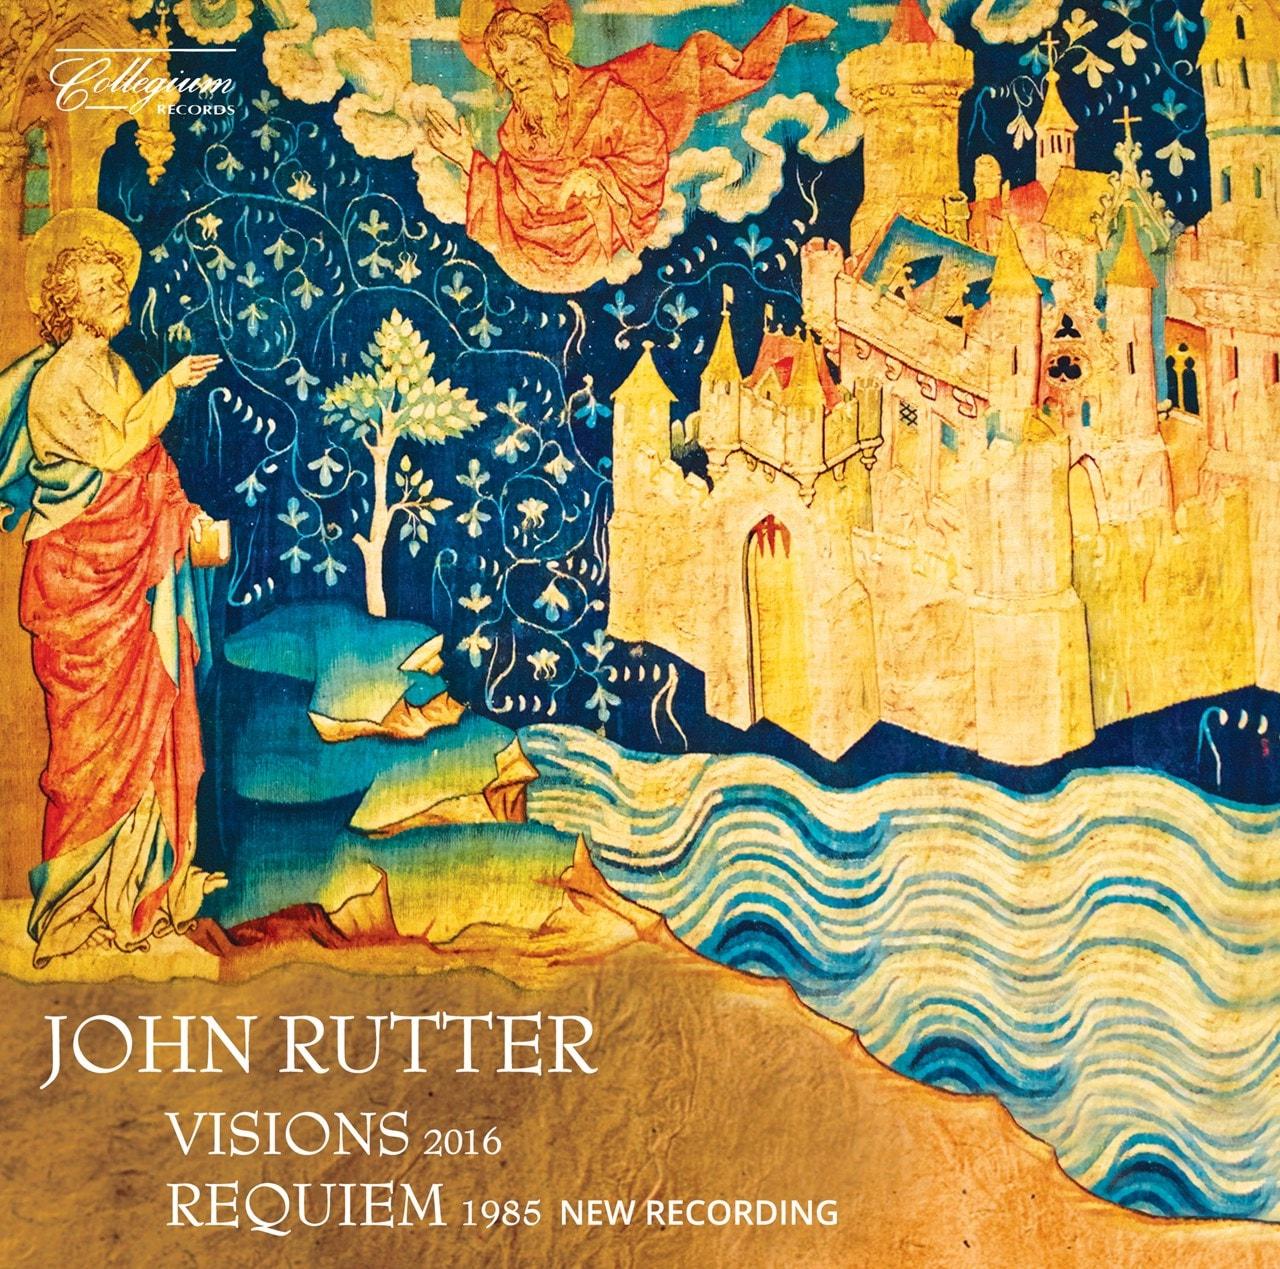 John Rutter: Visions/Requiem - 1